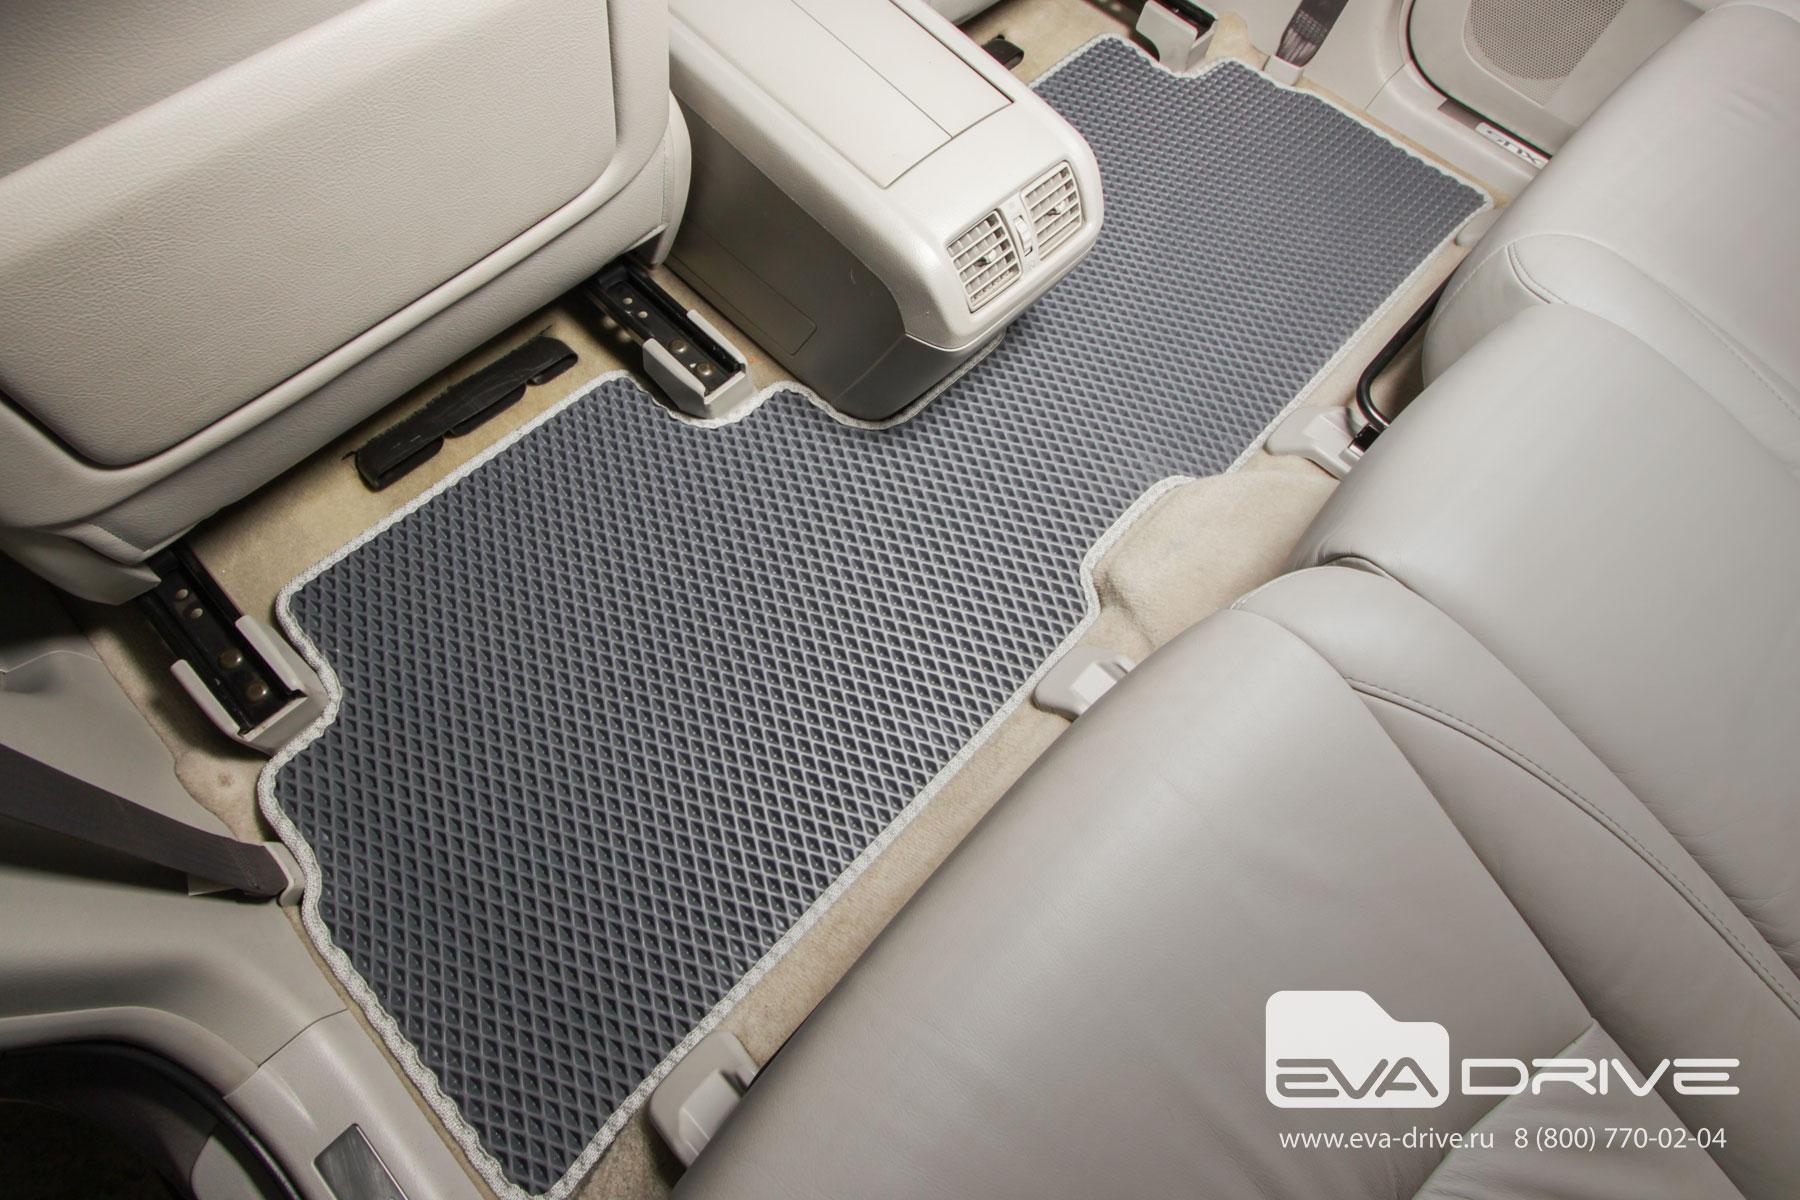 Сбор заказов. Инновационные автоковрики Eva-drive. Защищают от грязи! Не проливаются при изъятии- 3